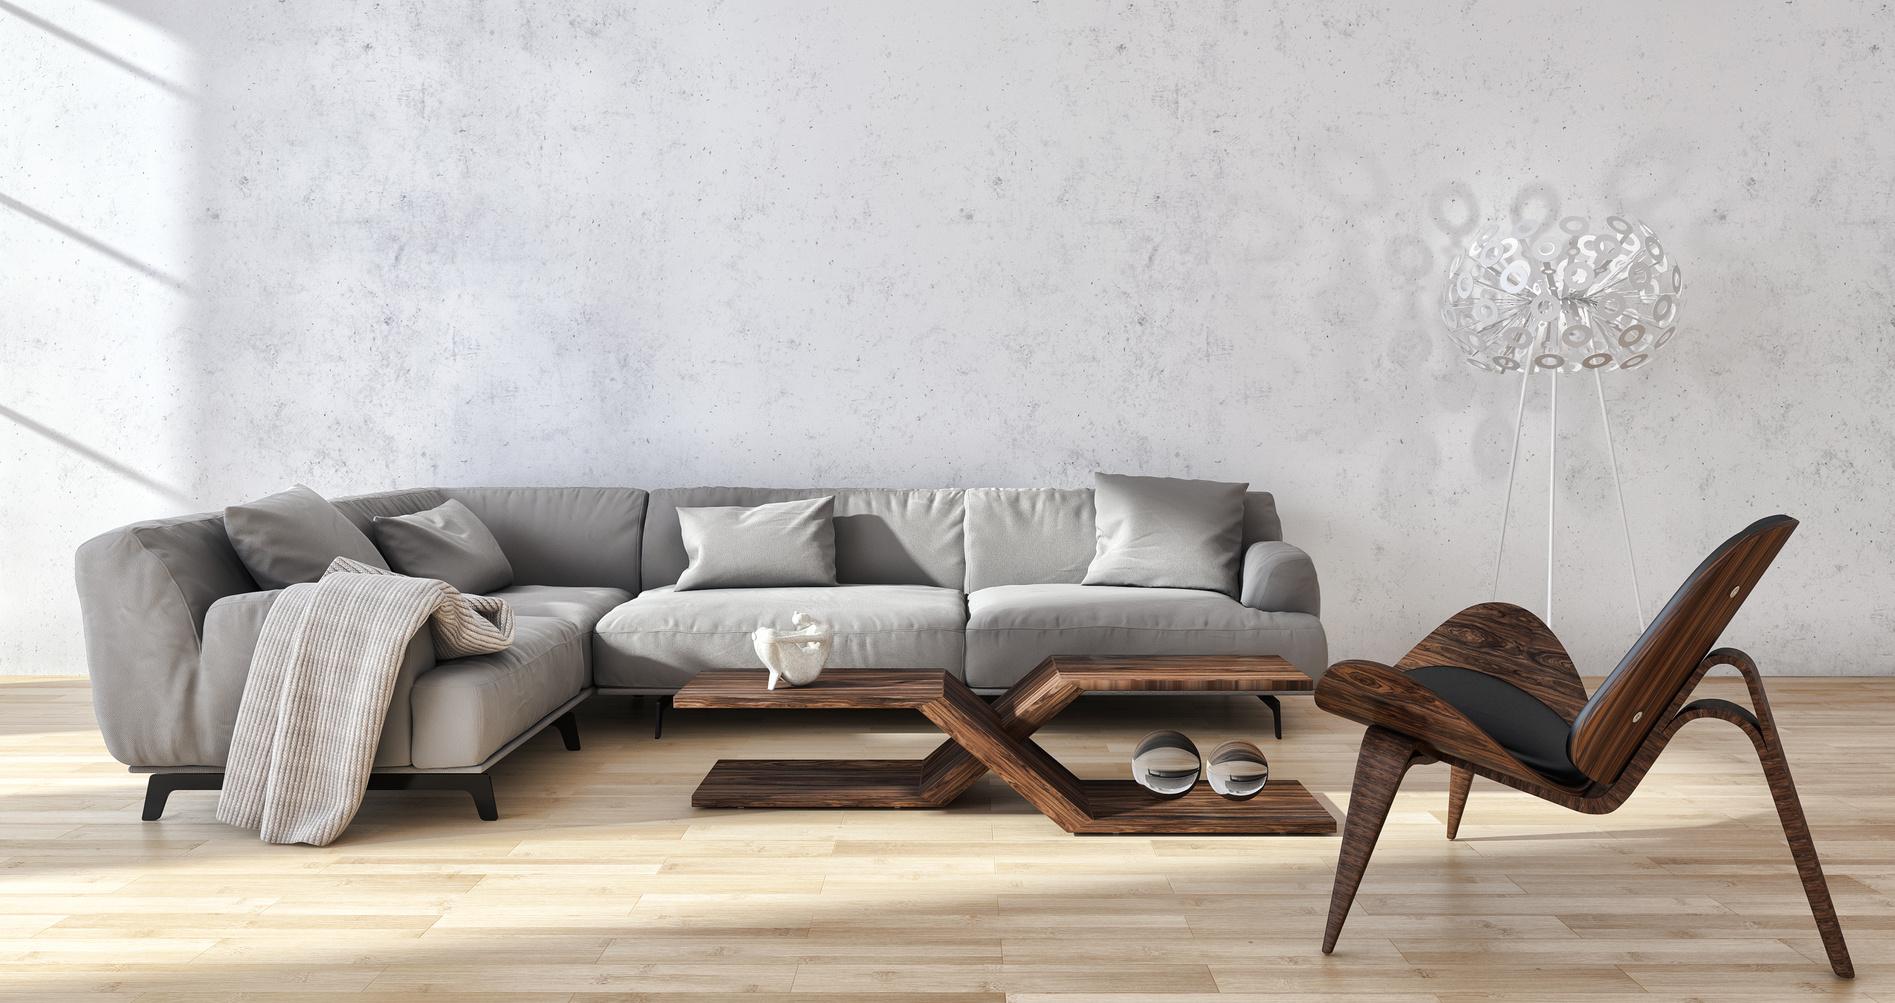 Hardwood flooring in Omaha, NE from Kelly's Carpet Omahav